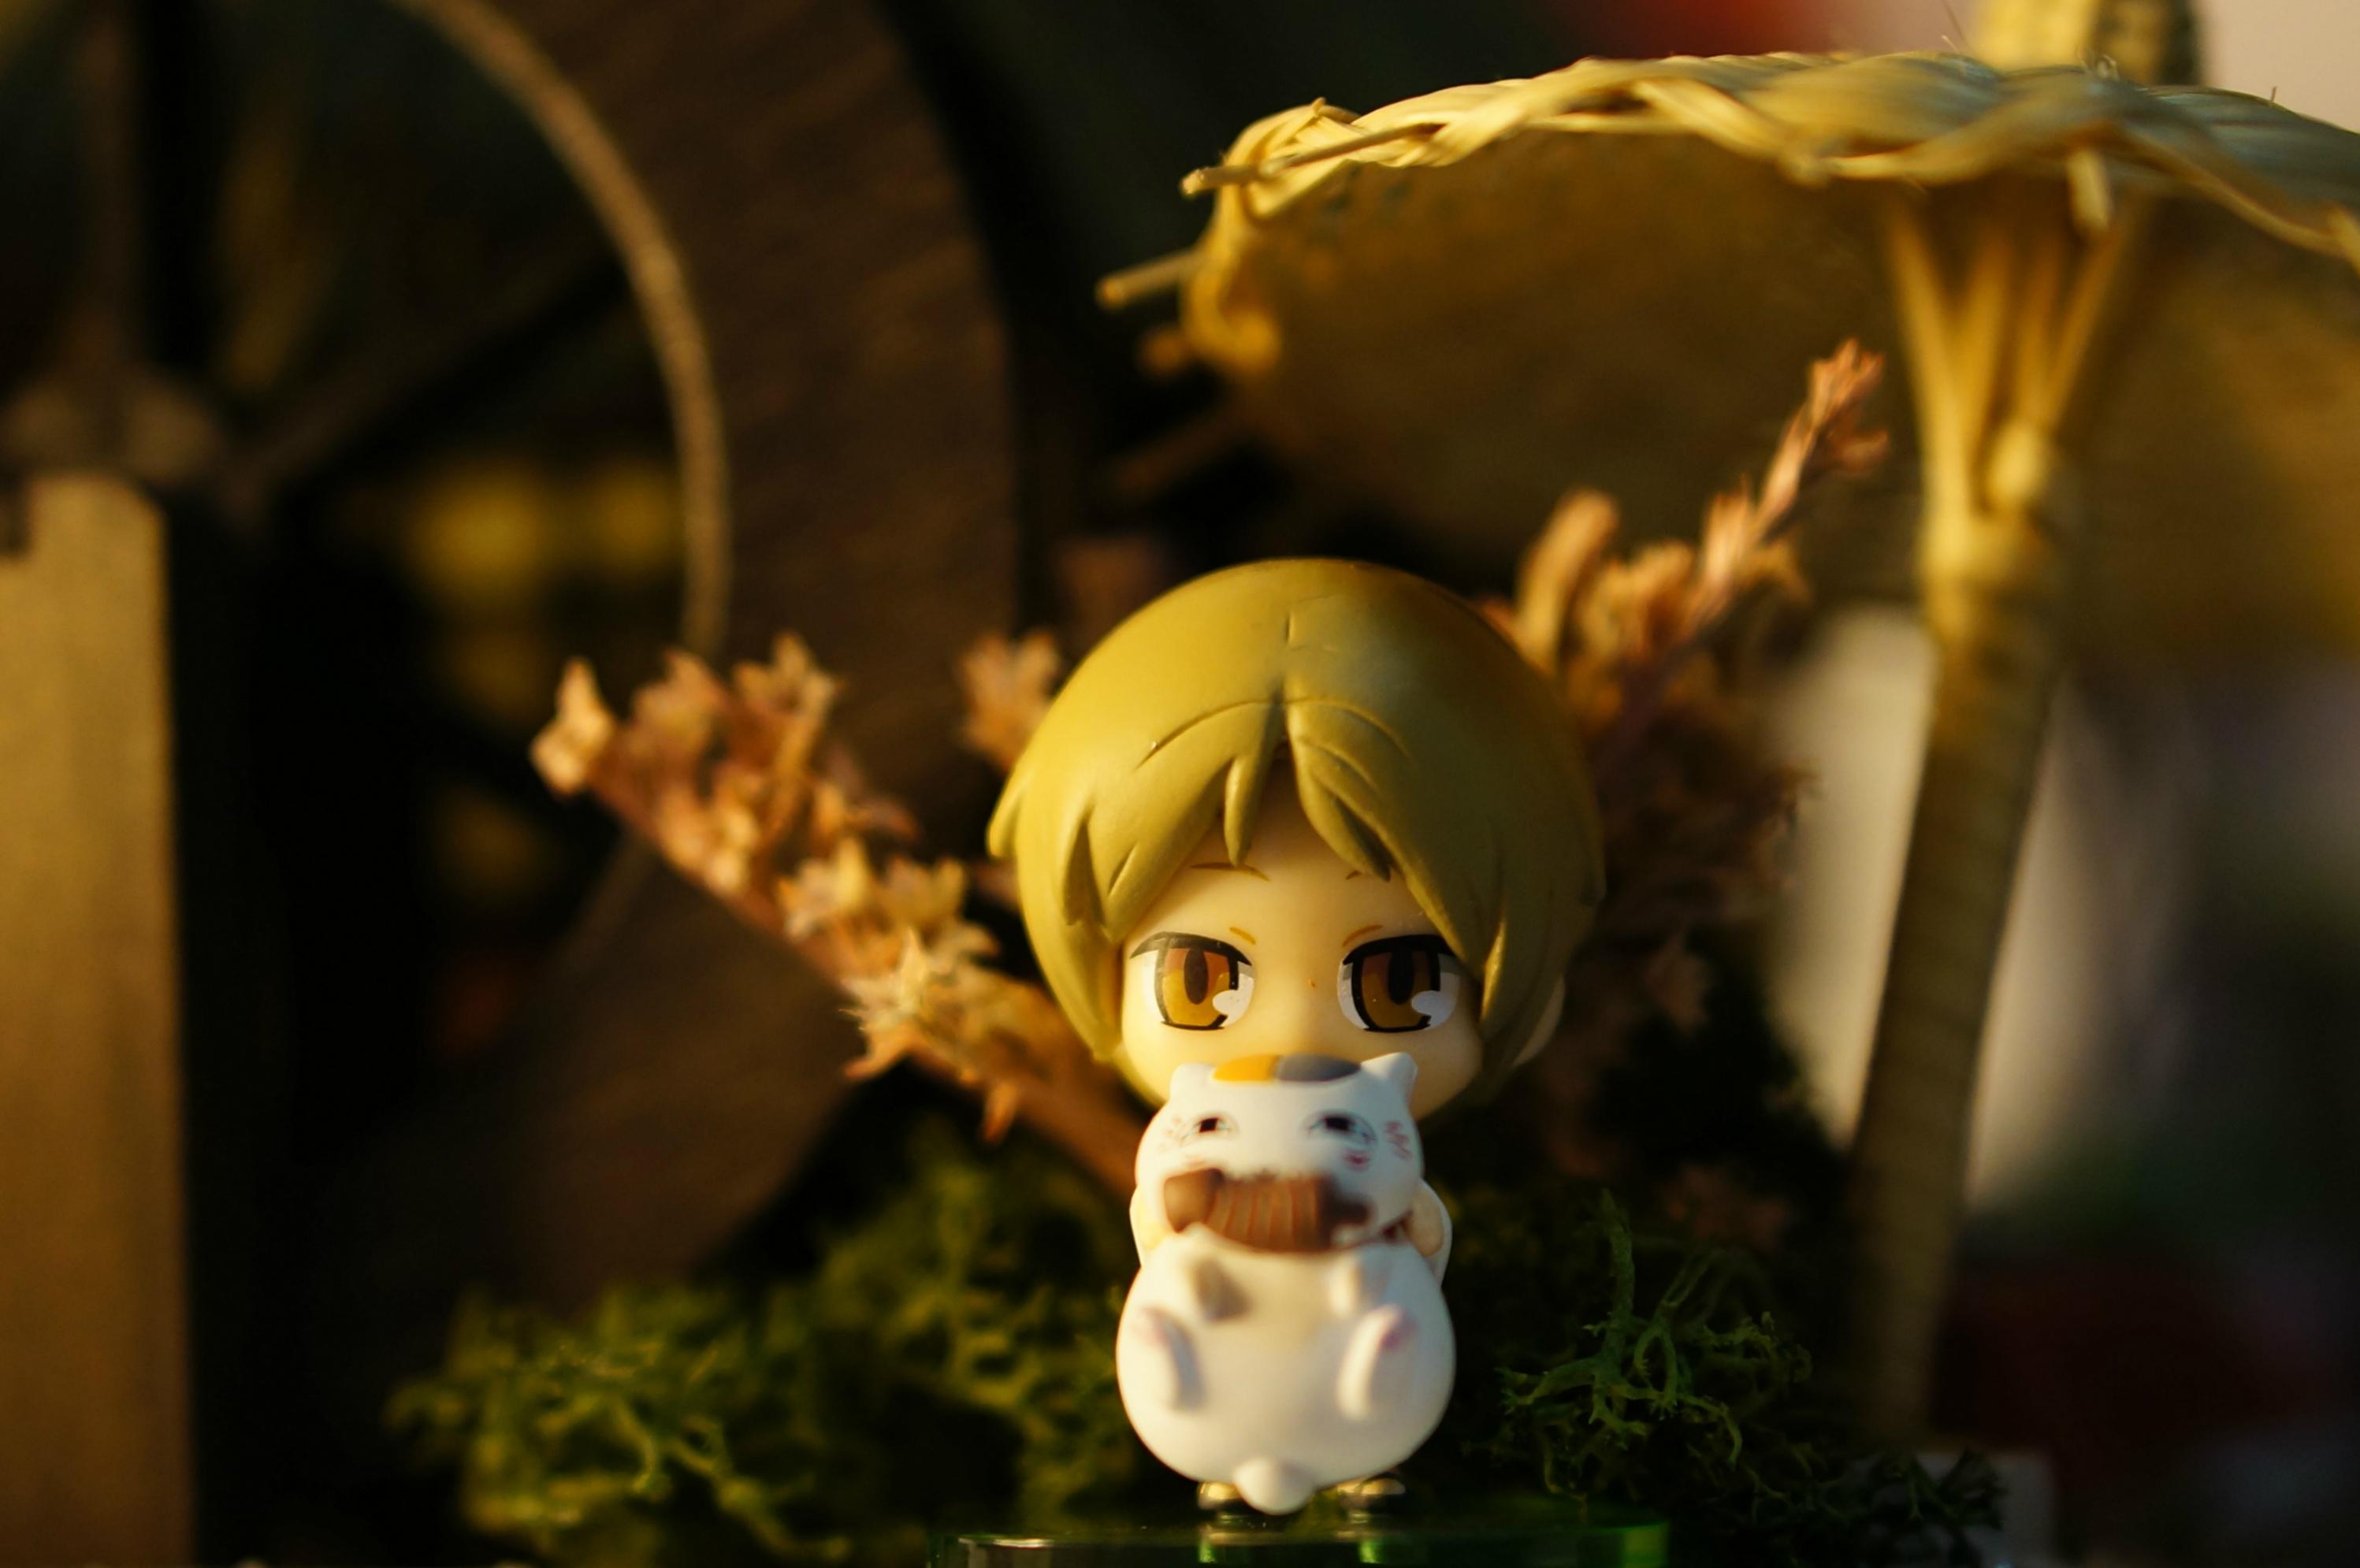 megahouse natsume_yuujinchou natsume_takashi madara_(nyanko-sensei) petit_chara_land hakusensha midorikawa_yuki petit_chara_land_natsume_yuujinchou_four_seasons